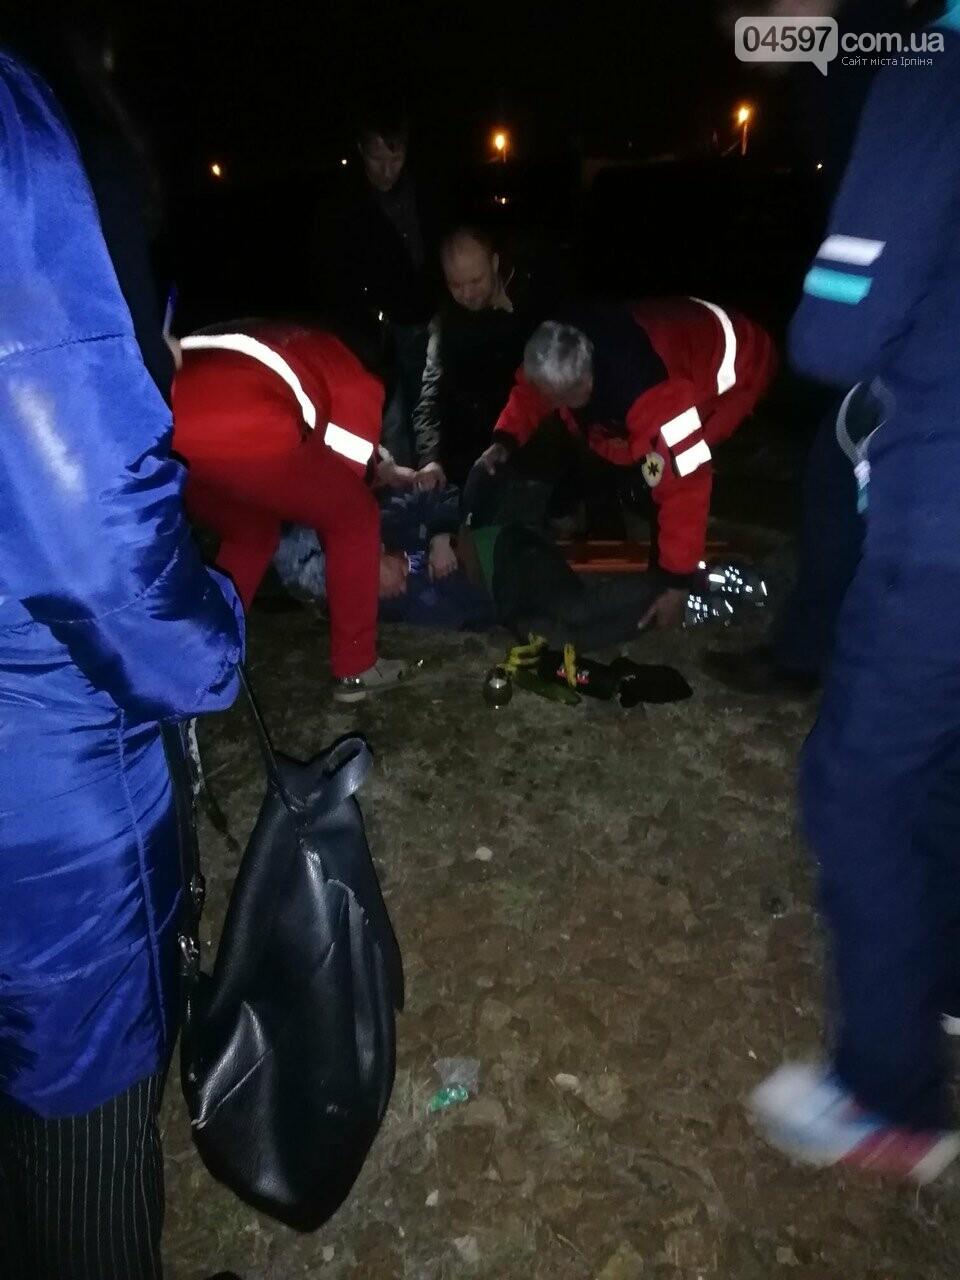 У Бучі потяг збив хлопця: розшукують родичів постраждалого, фото-1